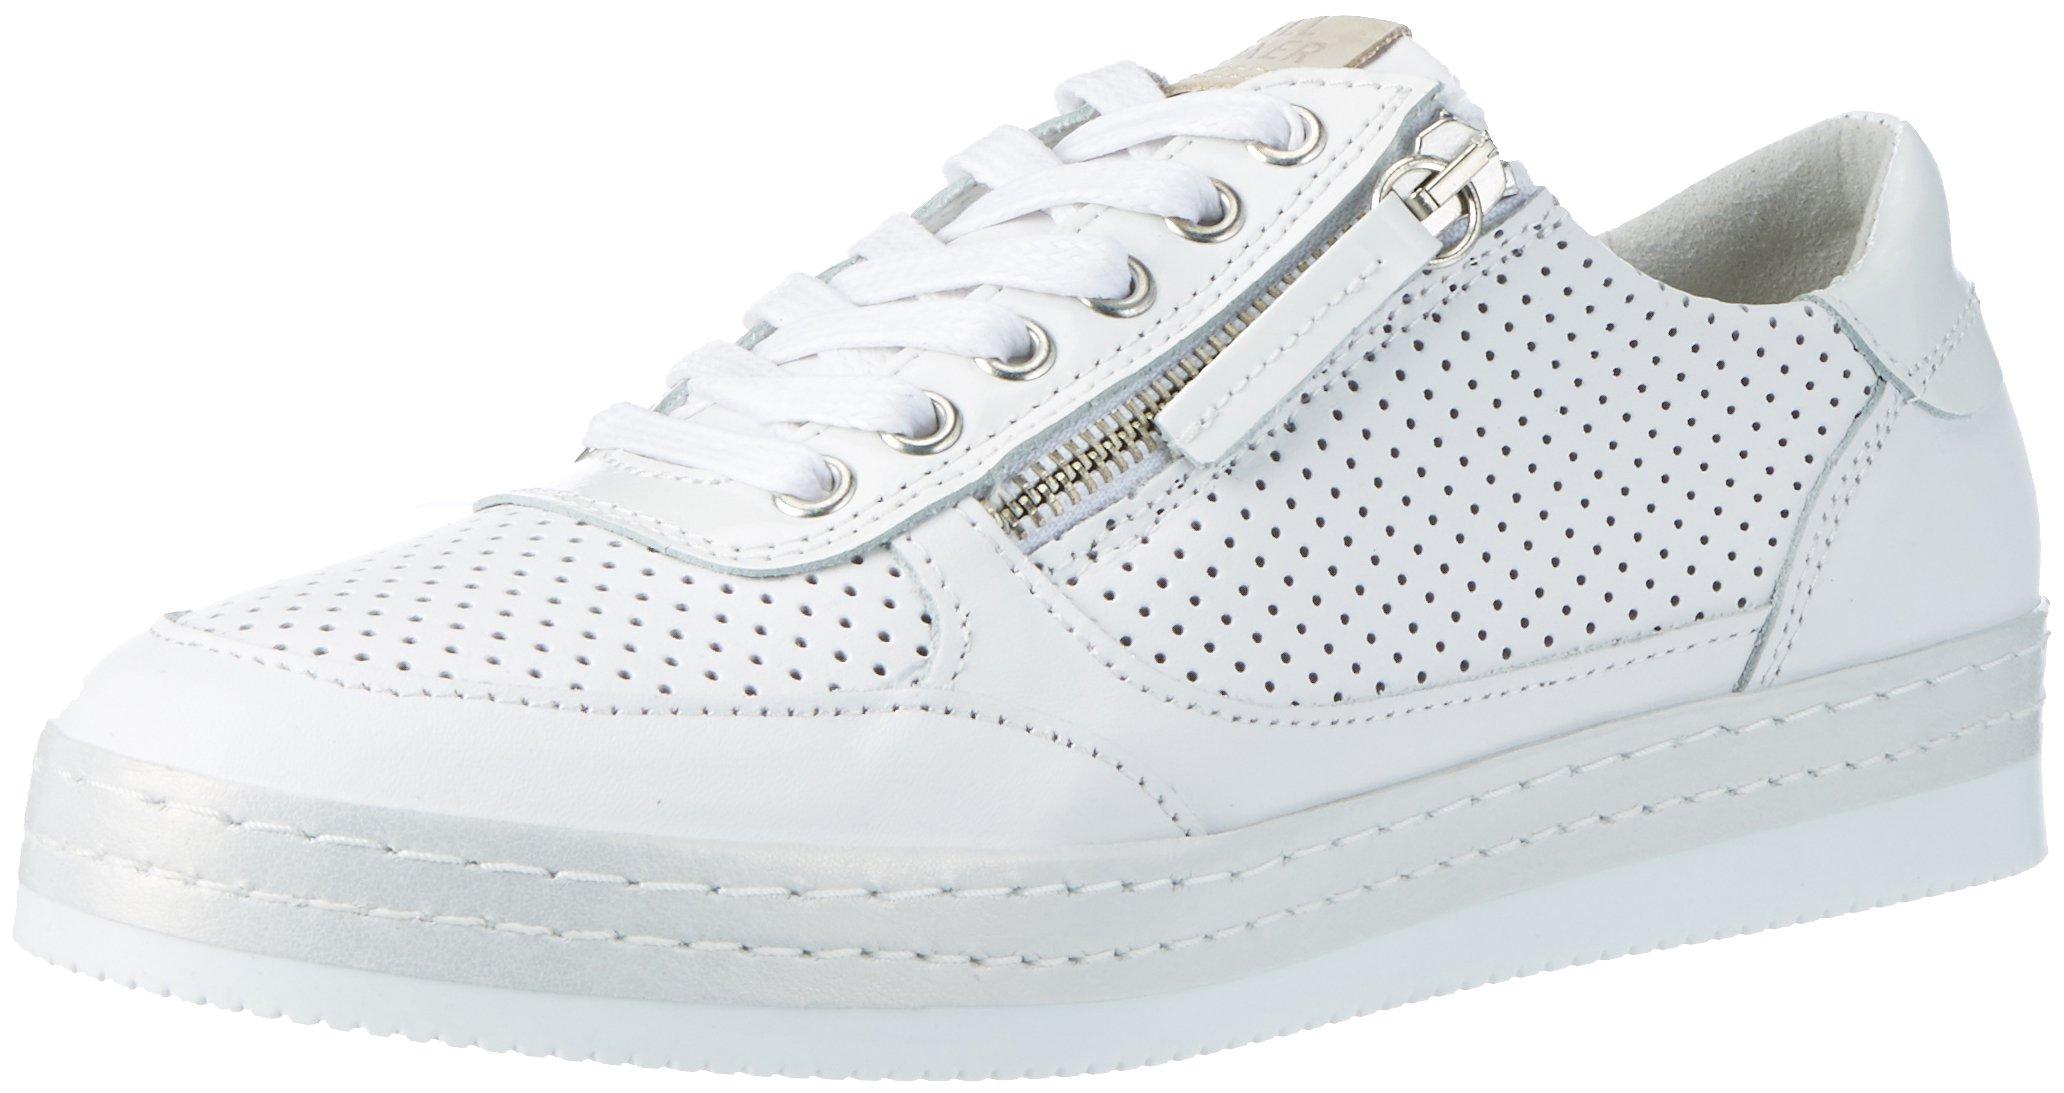 Basses Blanc42 FemmeBlanc Bullboxer FemmeBlanc SneakersSneakers Bullboxer Basses SneakersSneakers Blanc42 T3l1cFKJ